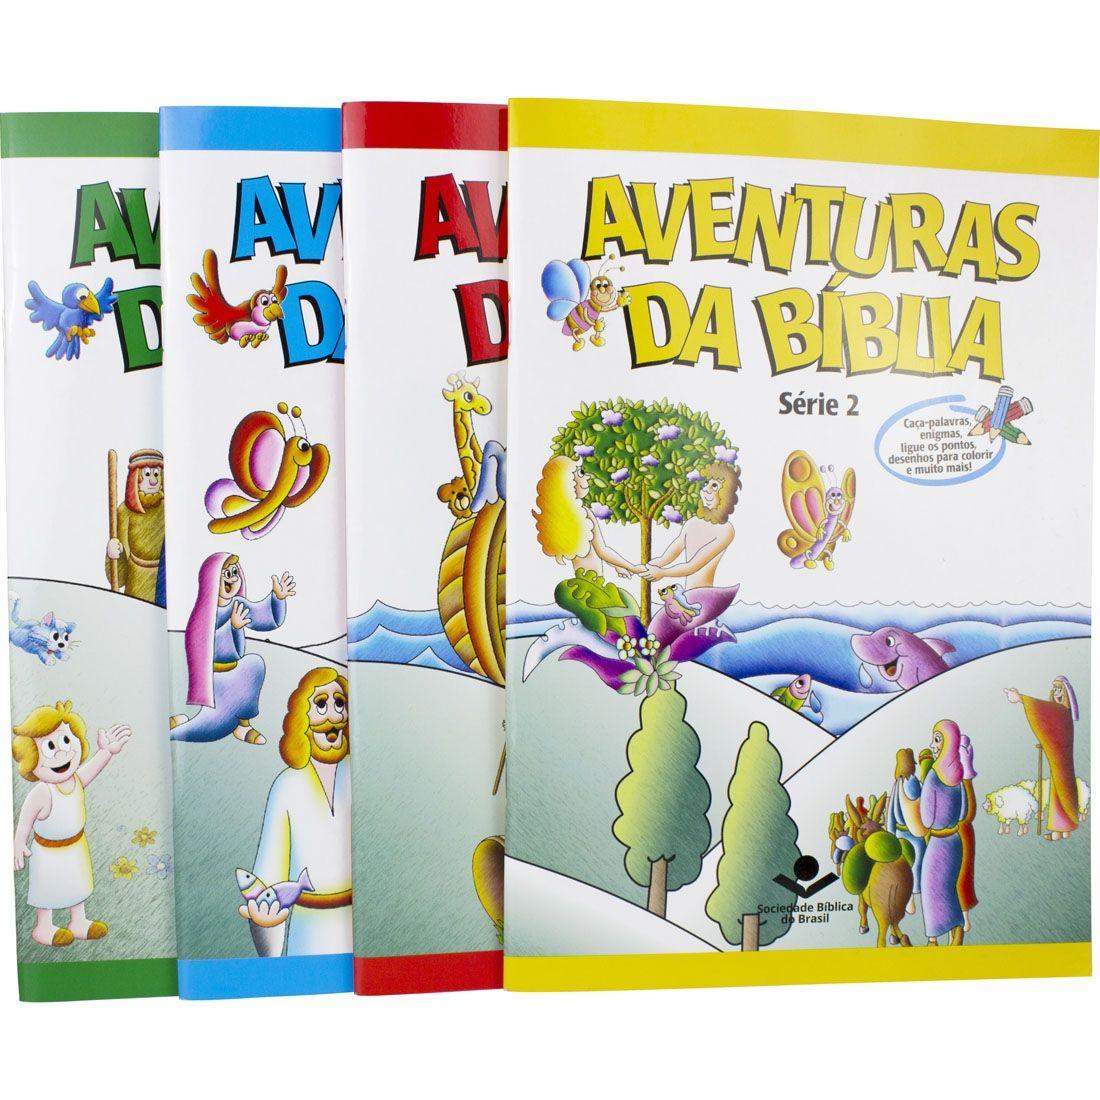 Série 3 - Aventuras da Bíblia  - Universo Bíblico Rs